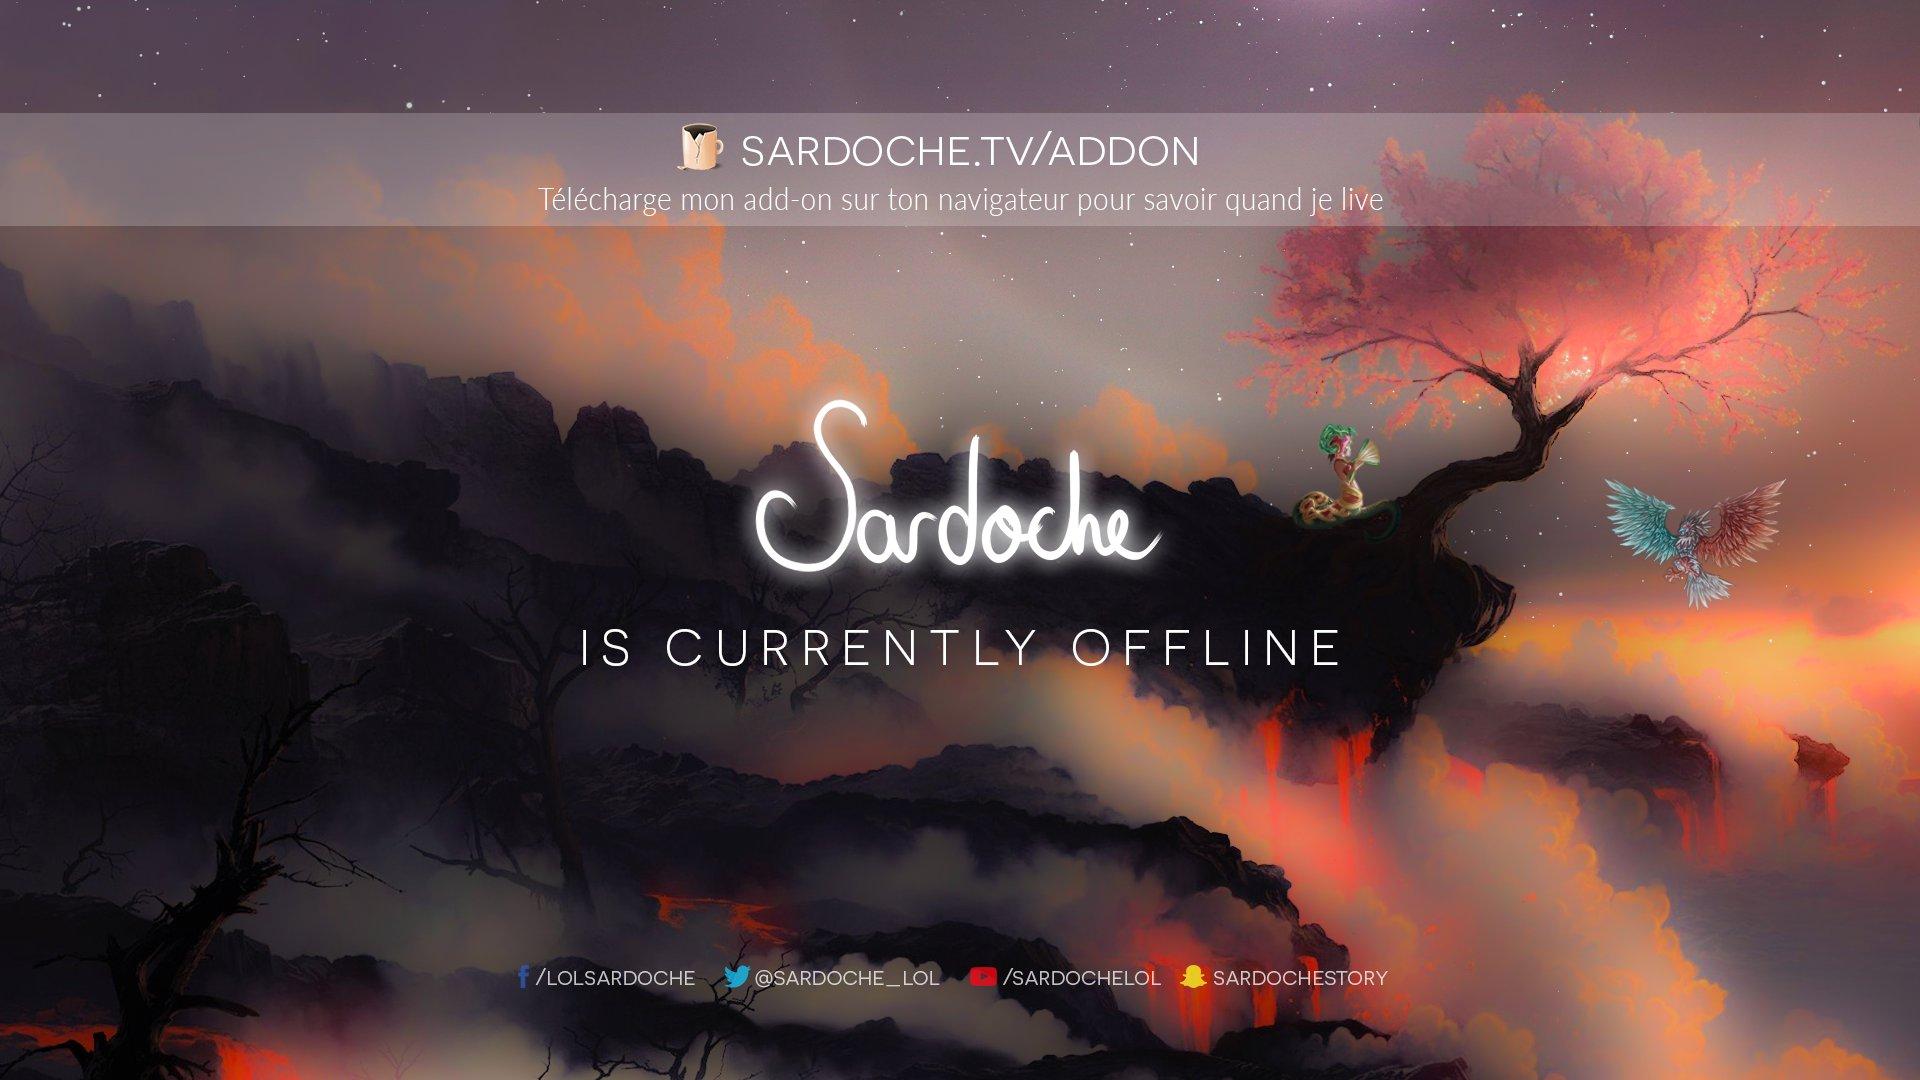 Twitch stream of Sardoche